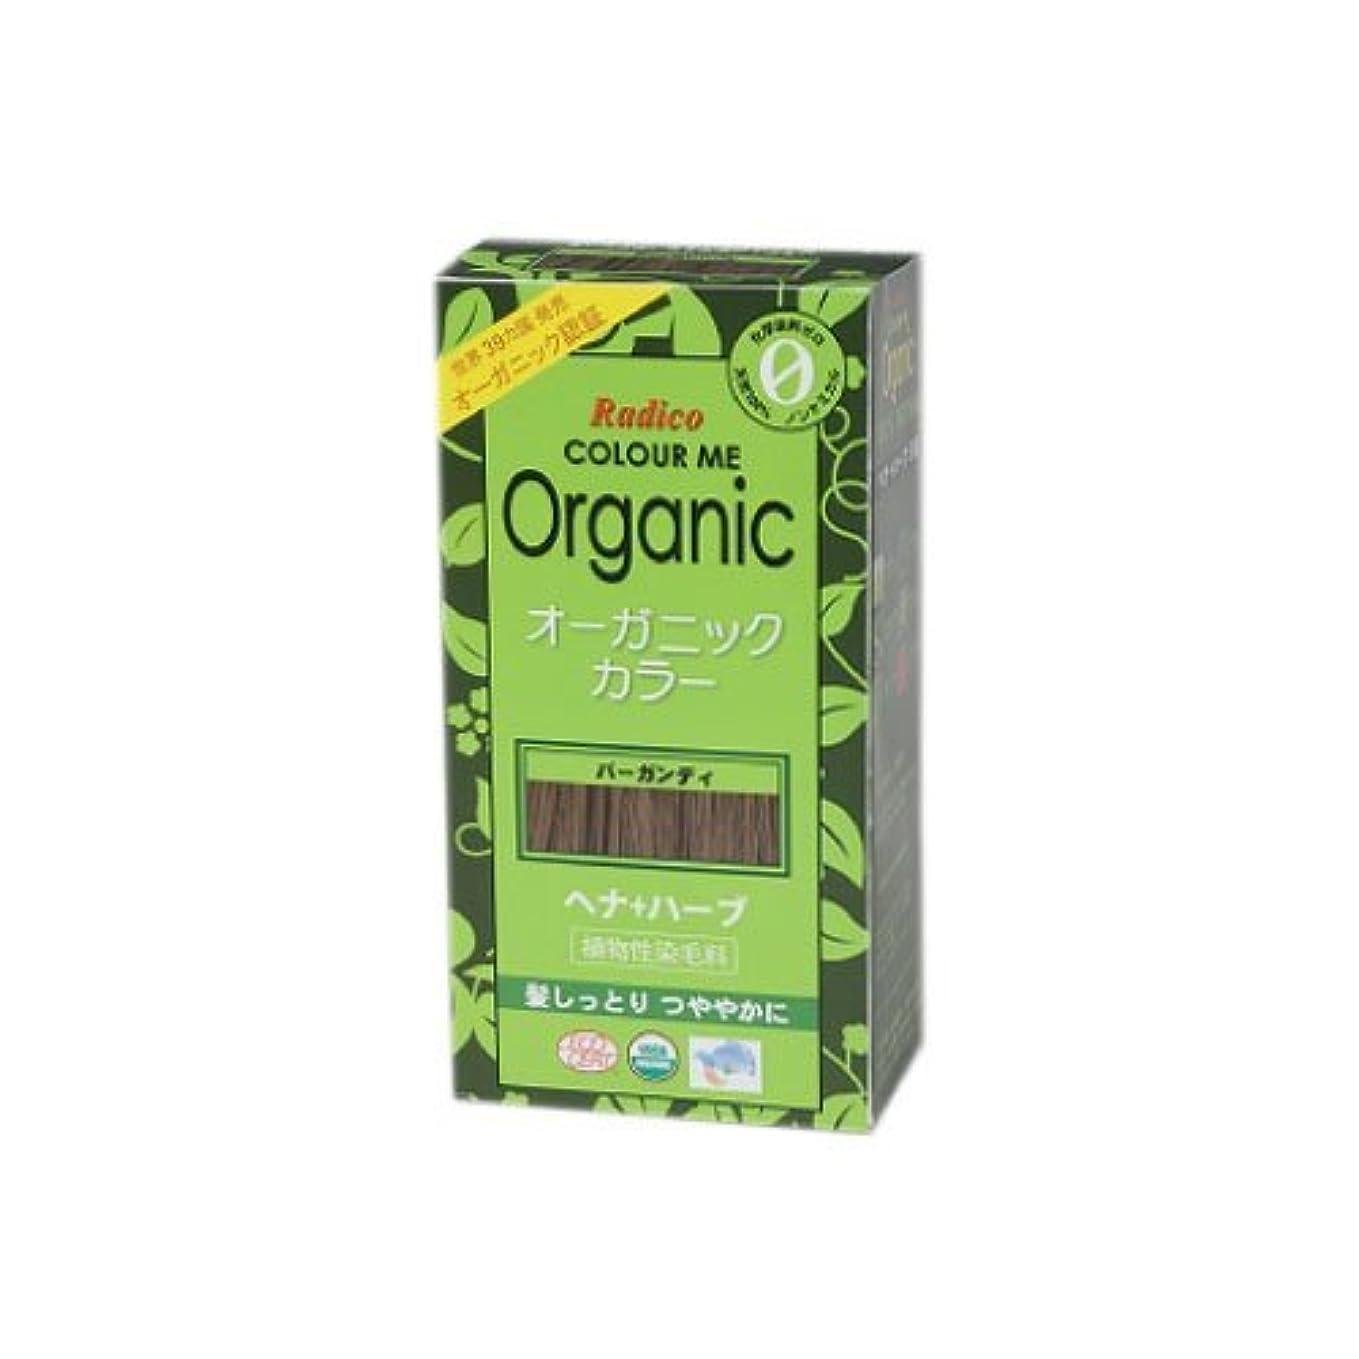 正確に夜パスタCOLOURME Organic (カラーミーオーガニック ヘナ 白髪用) バーガンディ 100g